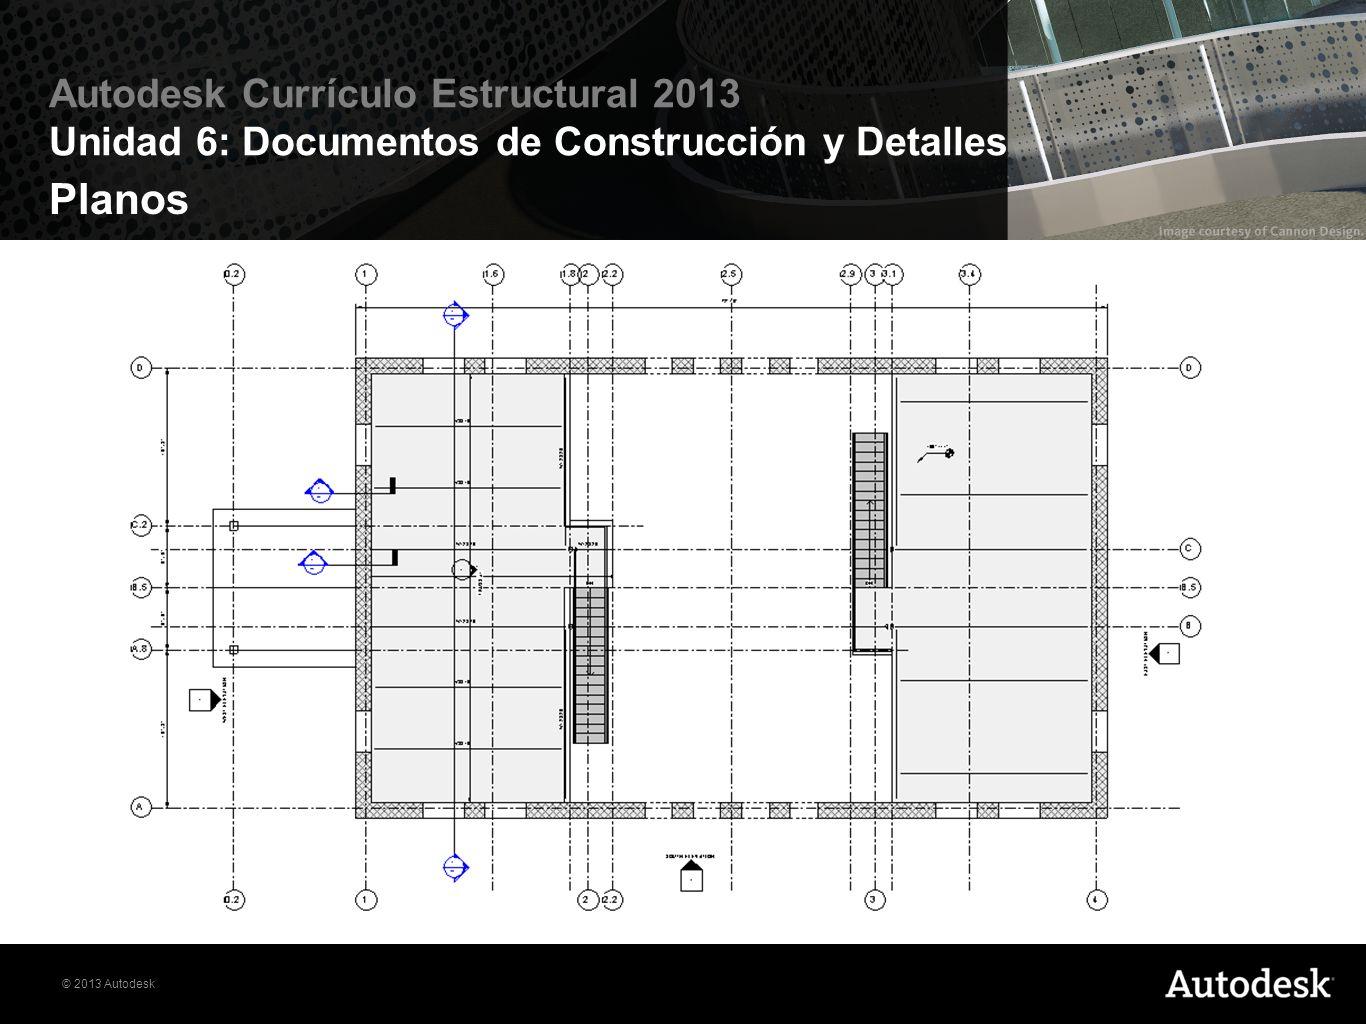 © 2013 Autodesk Autodesk Currículo Estructural 2013 Unidad 6: Documentos de Construcción y Detalles Elevaciones